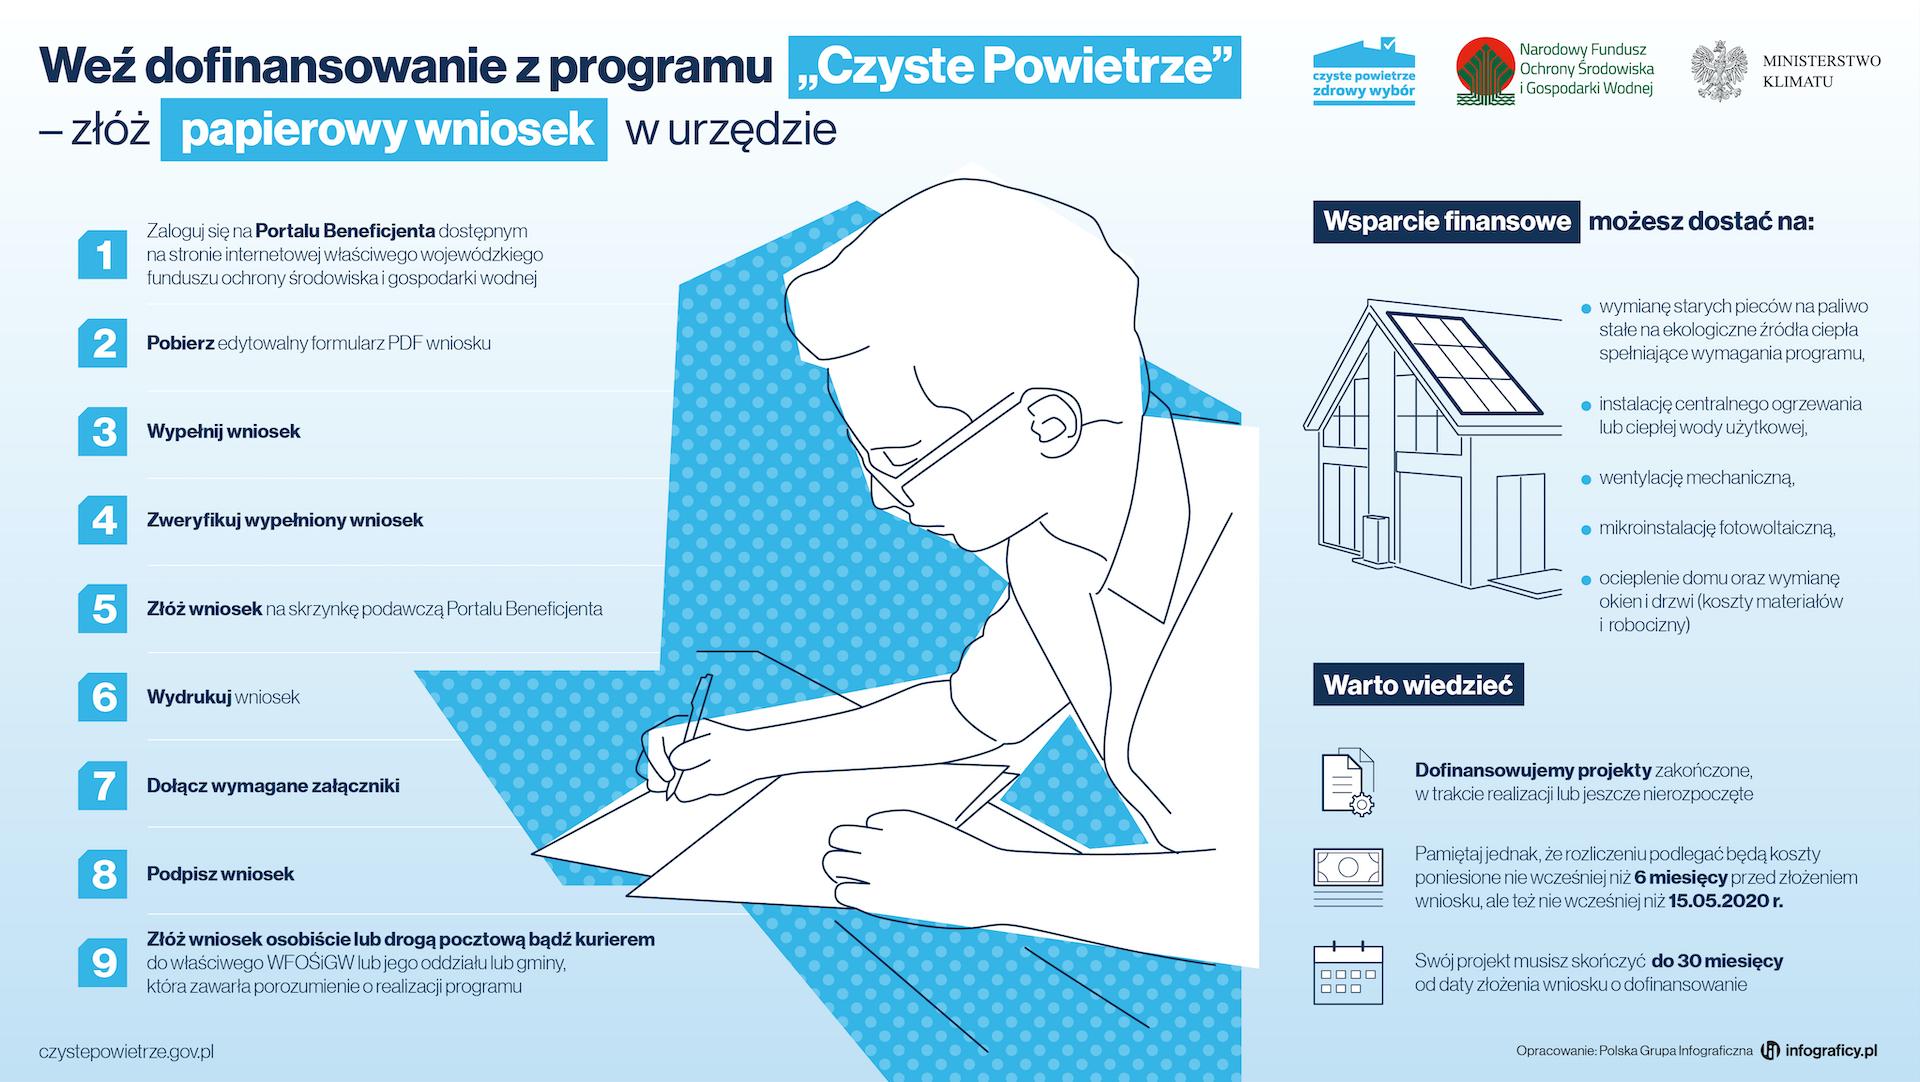 Program Czyste Powietrze - Dofinansowanie | Źródło: https://czystepowietrze.gov.pl